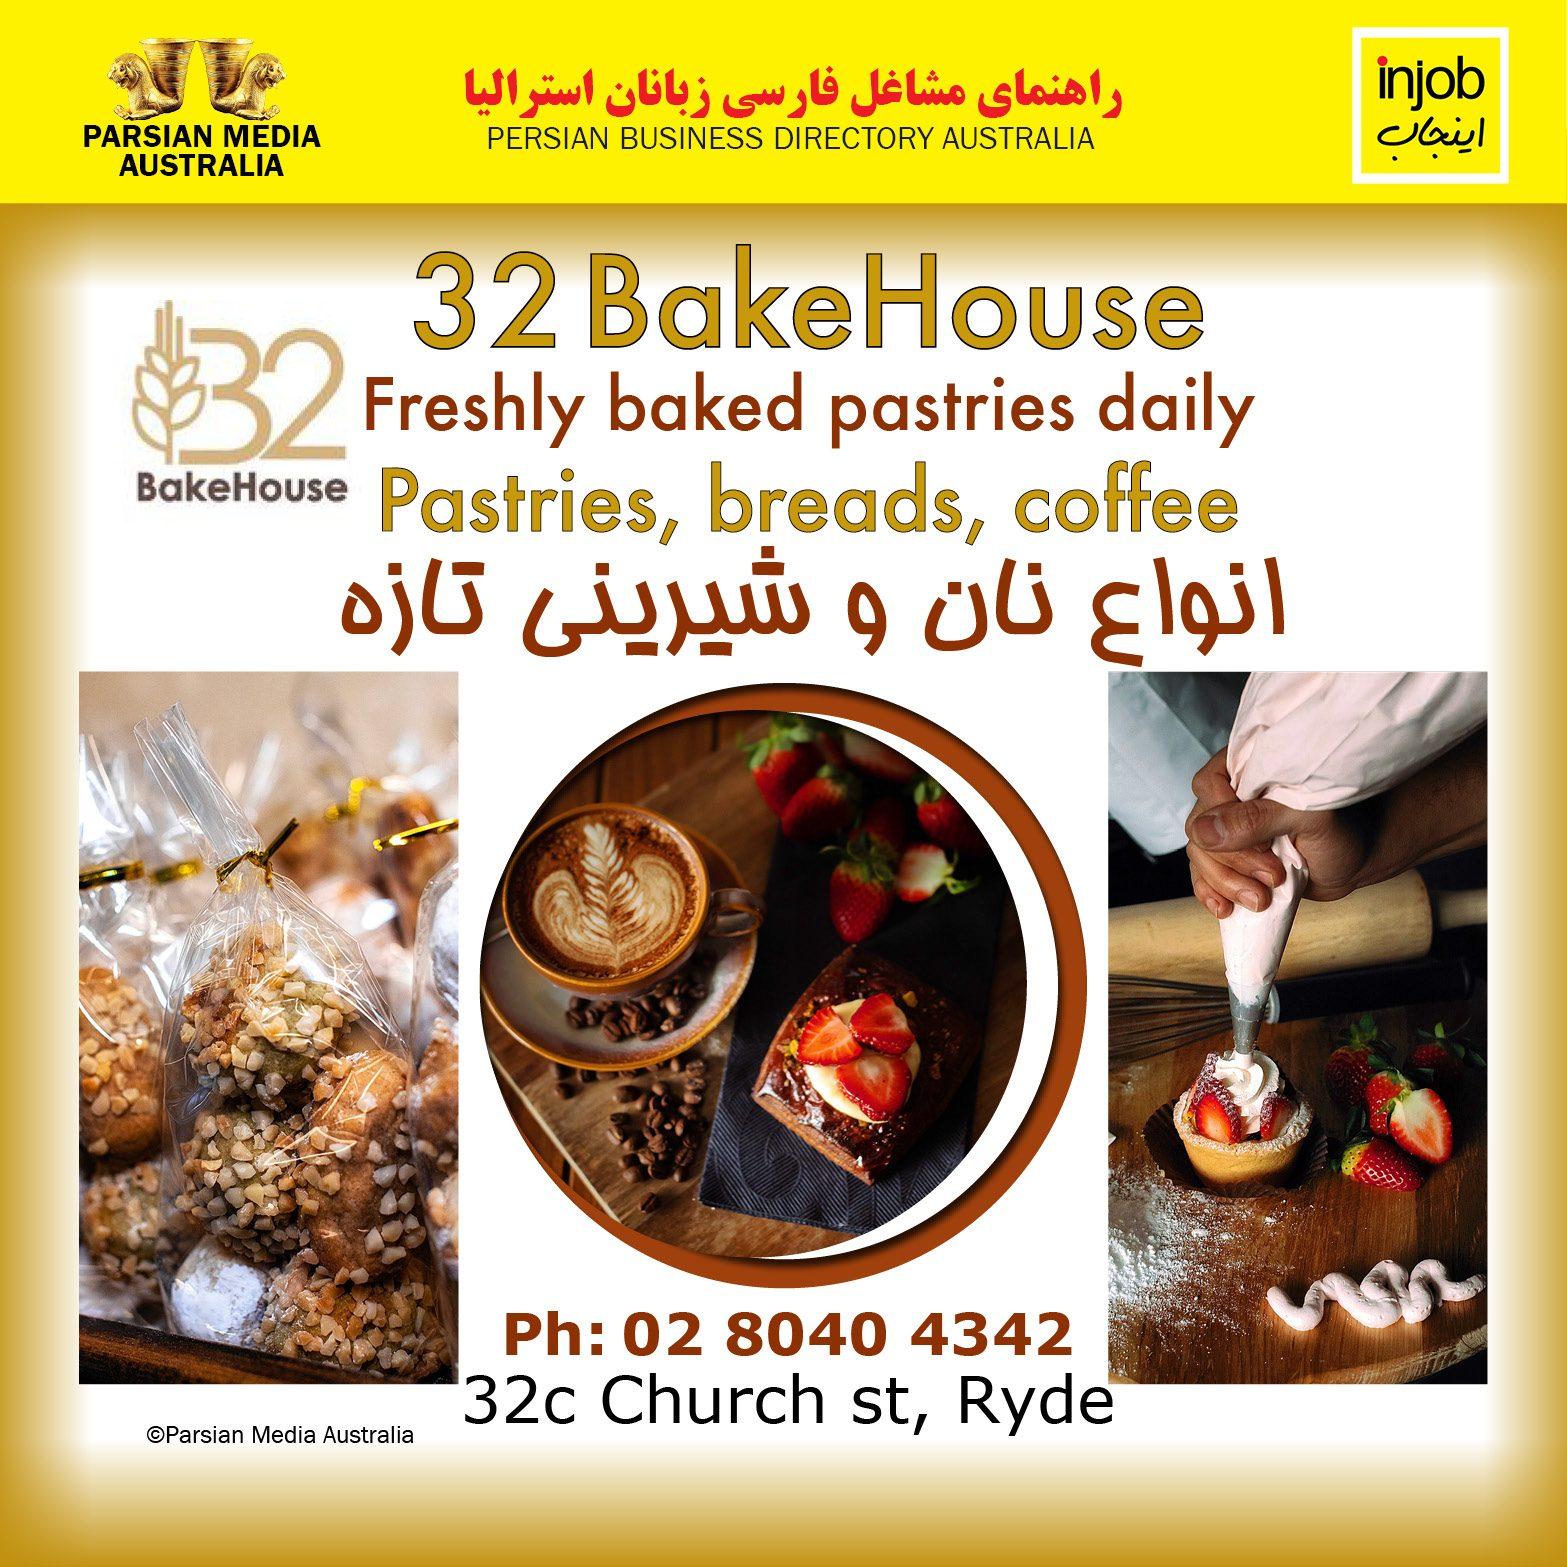 32Bakehouse-Injob-online.jpg